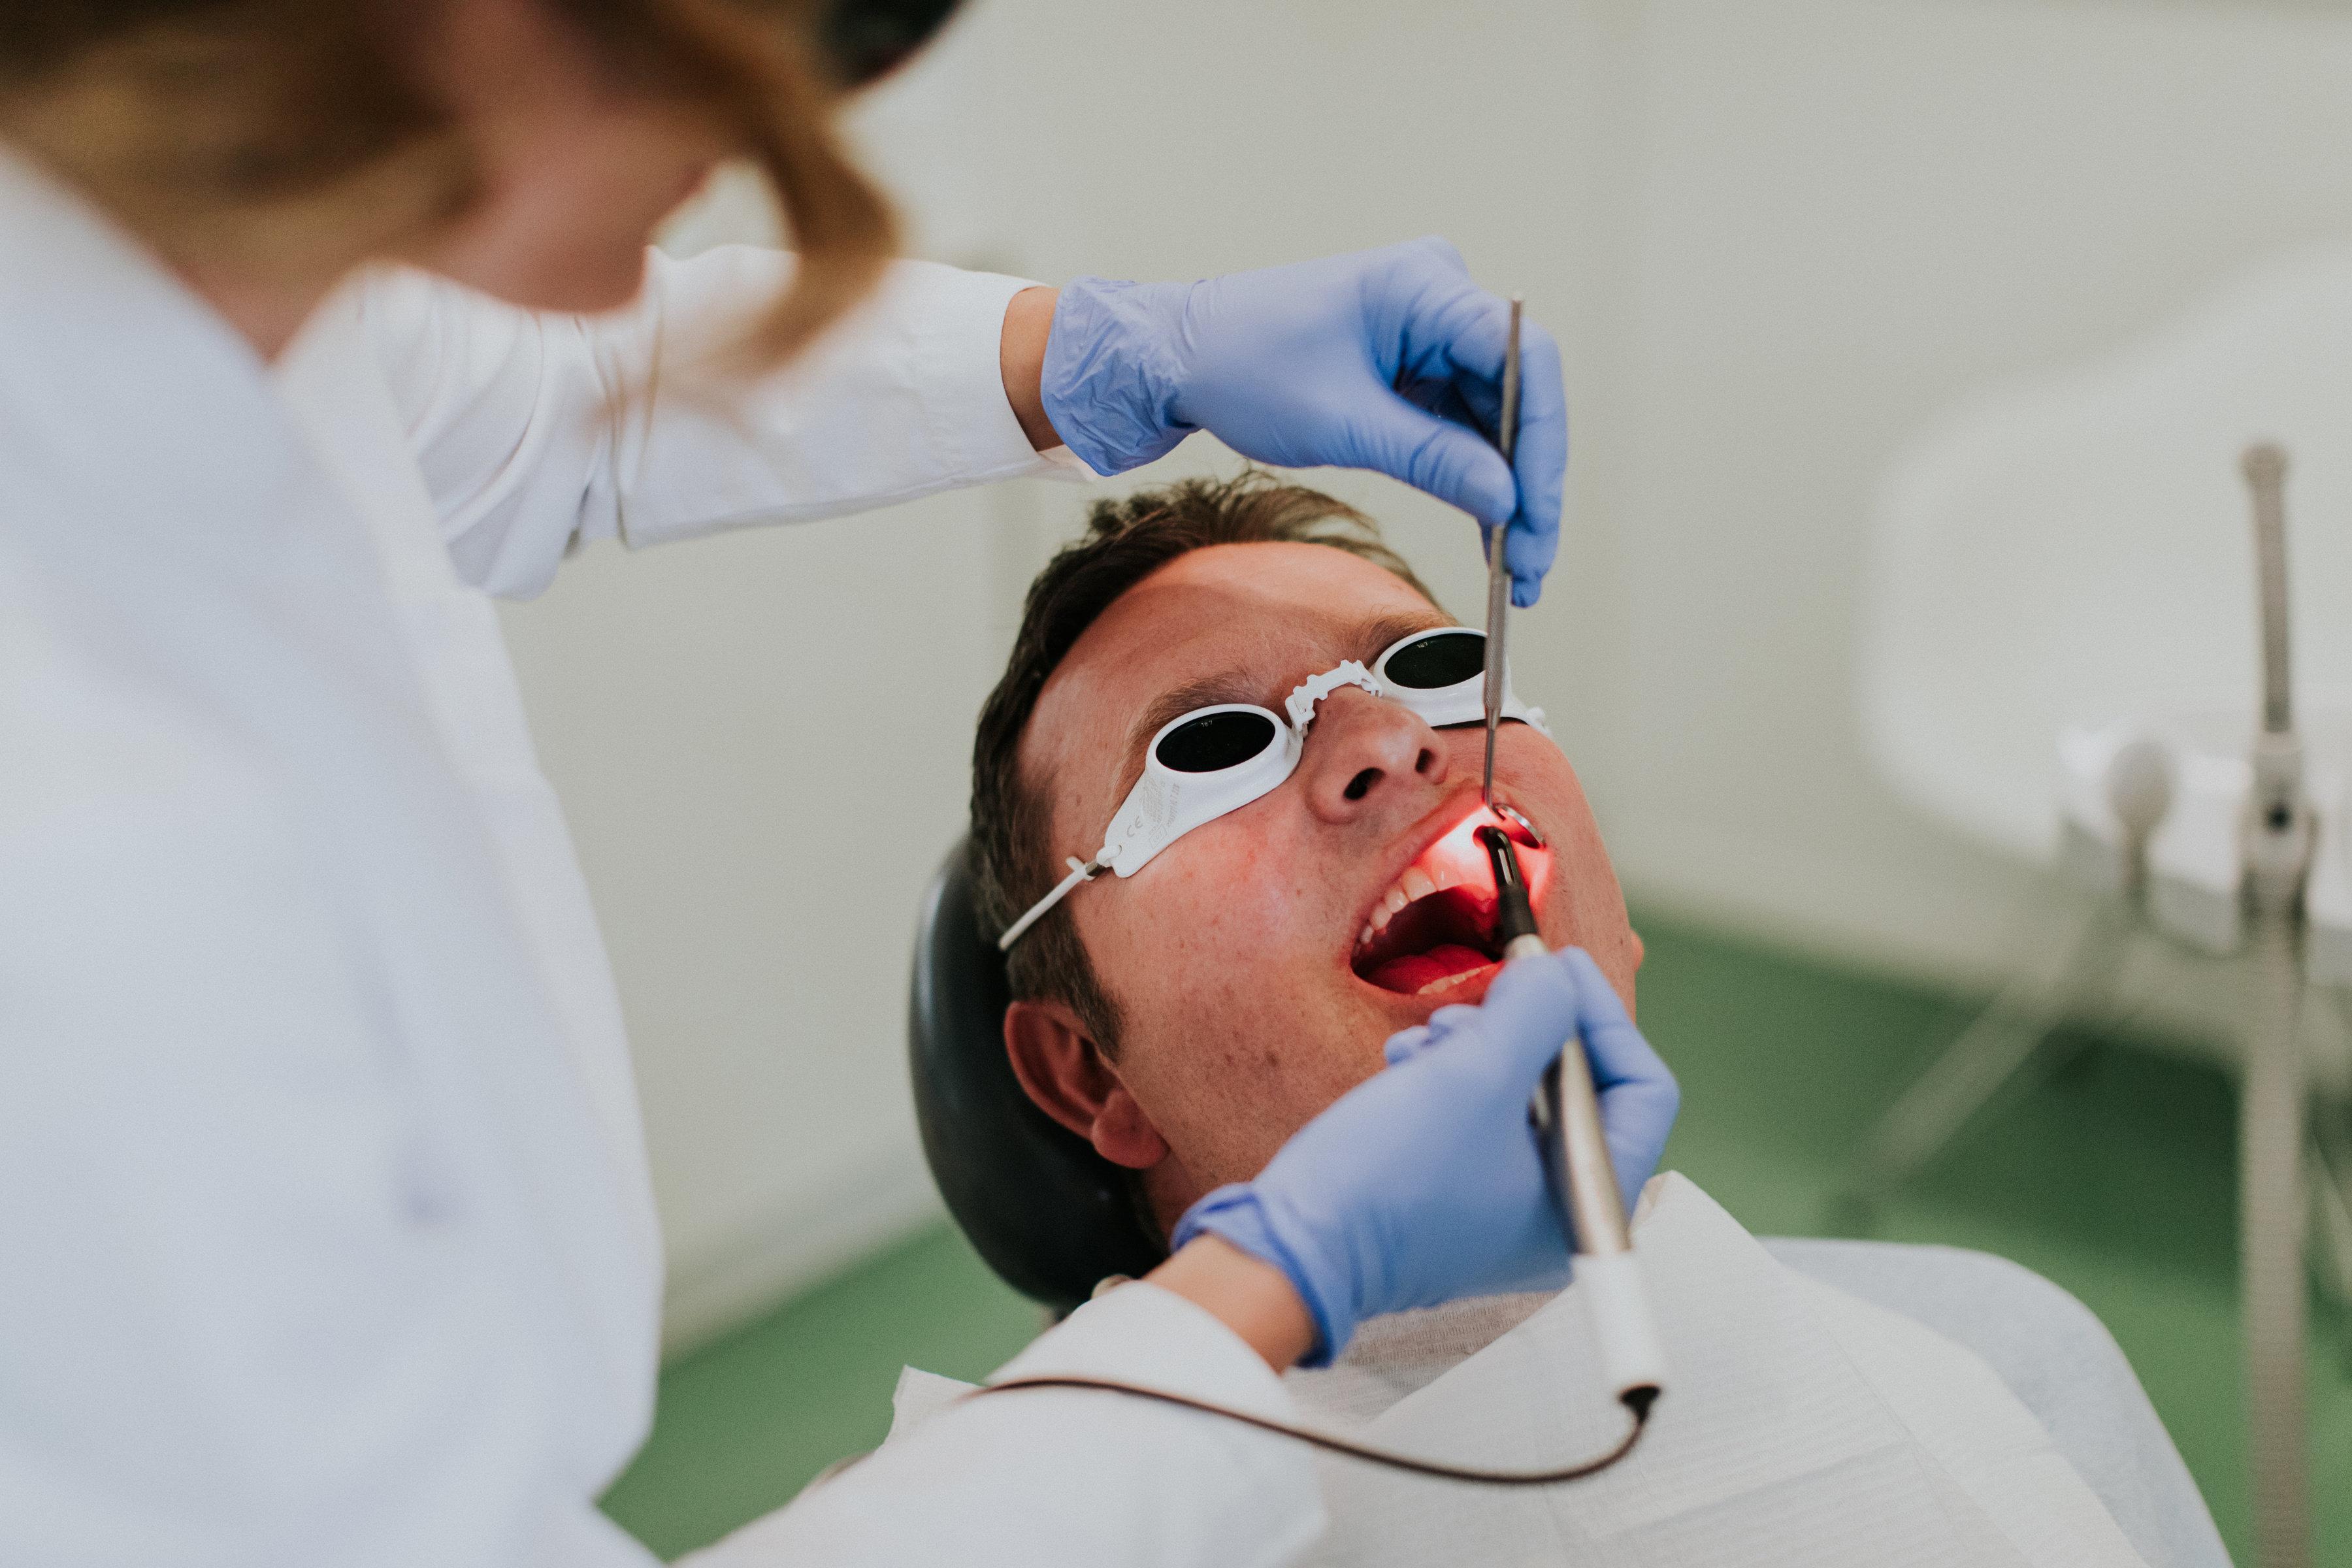 dentalni laser, laserski zahvati, liječenje zuba laserom, ordinacija sanja vuić, zagreb